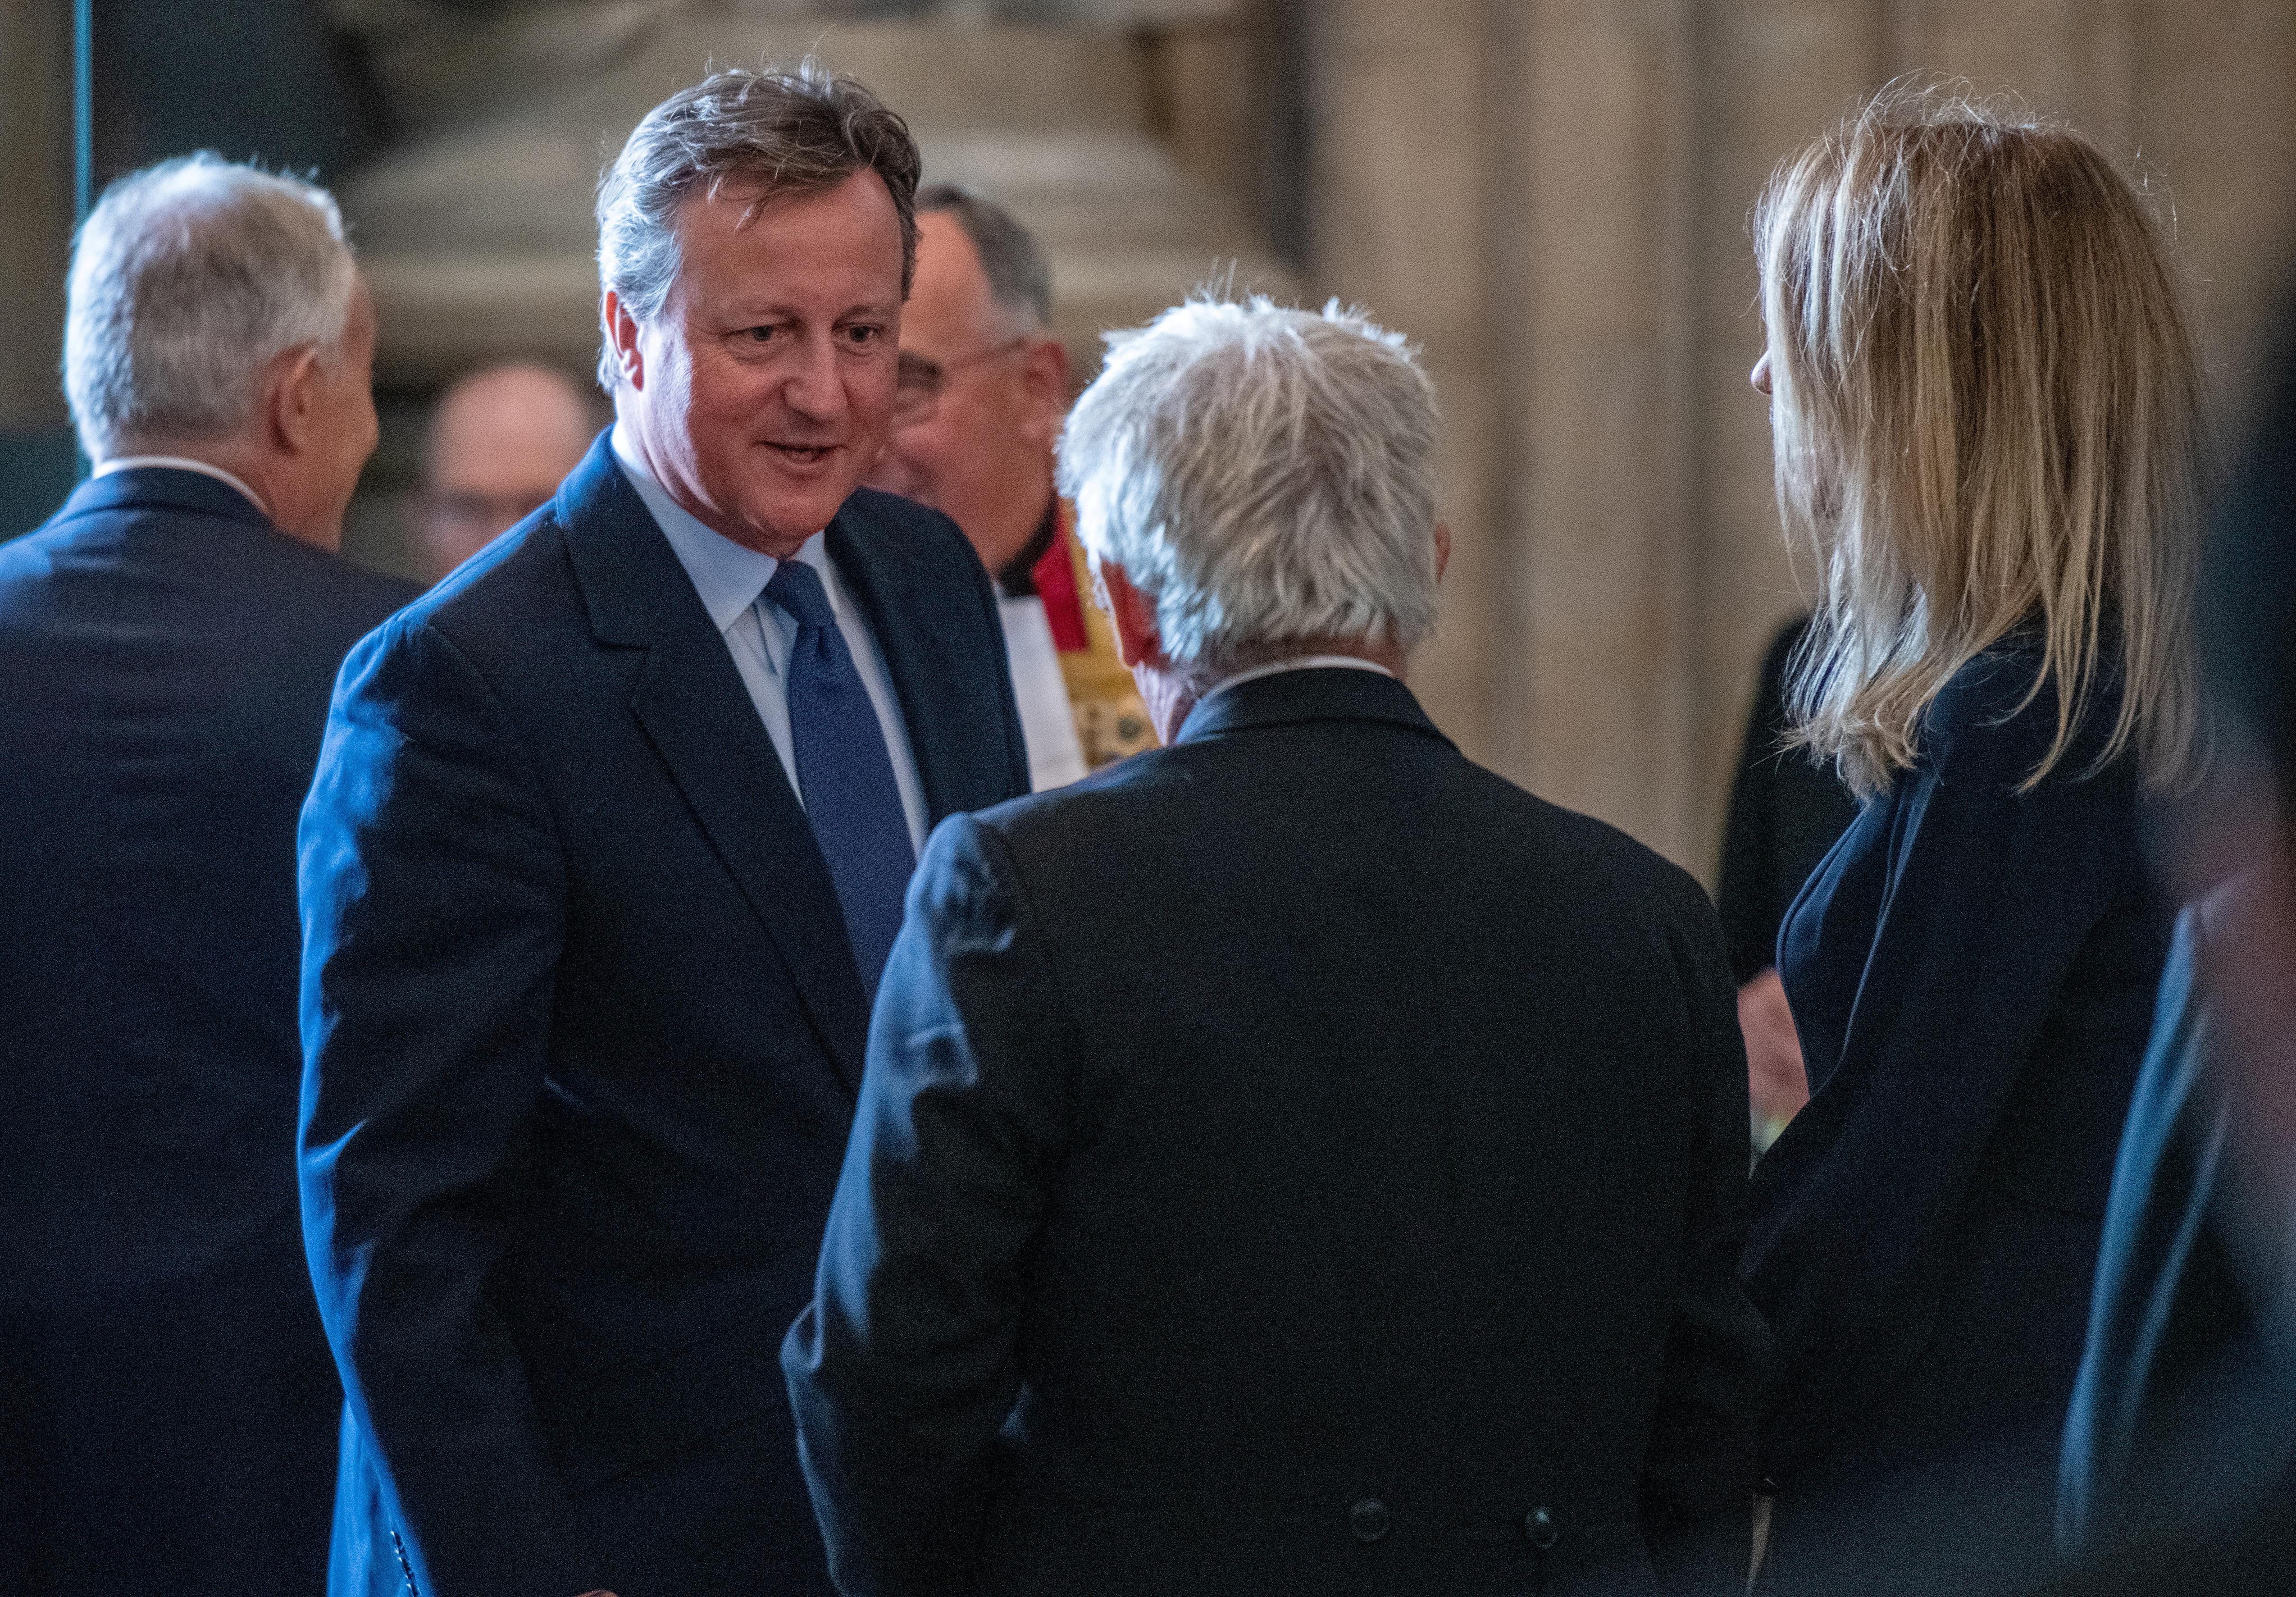 Αποκαλύψεις Κάμερον: Ο Μπόρις Τζόνσον πίστευε ότι το Brexit θα χάσει το δημοψήφισμα